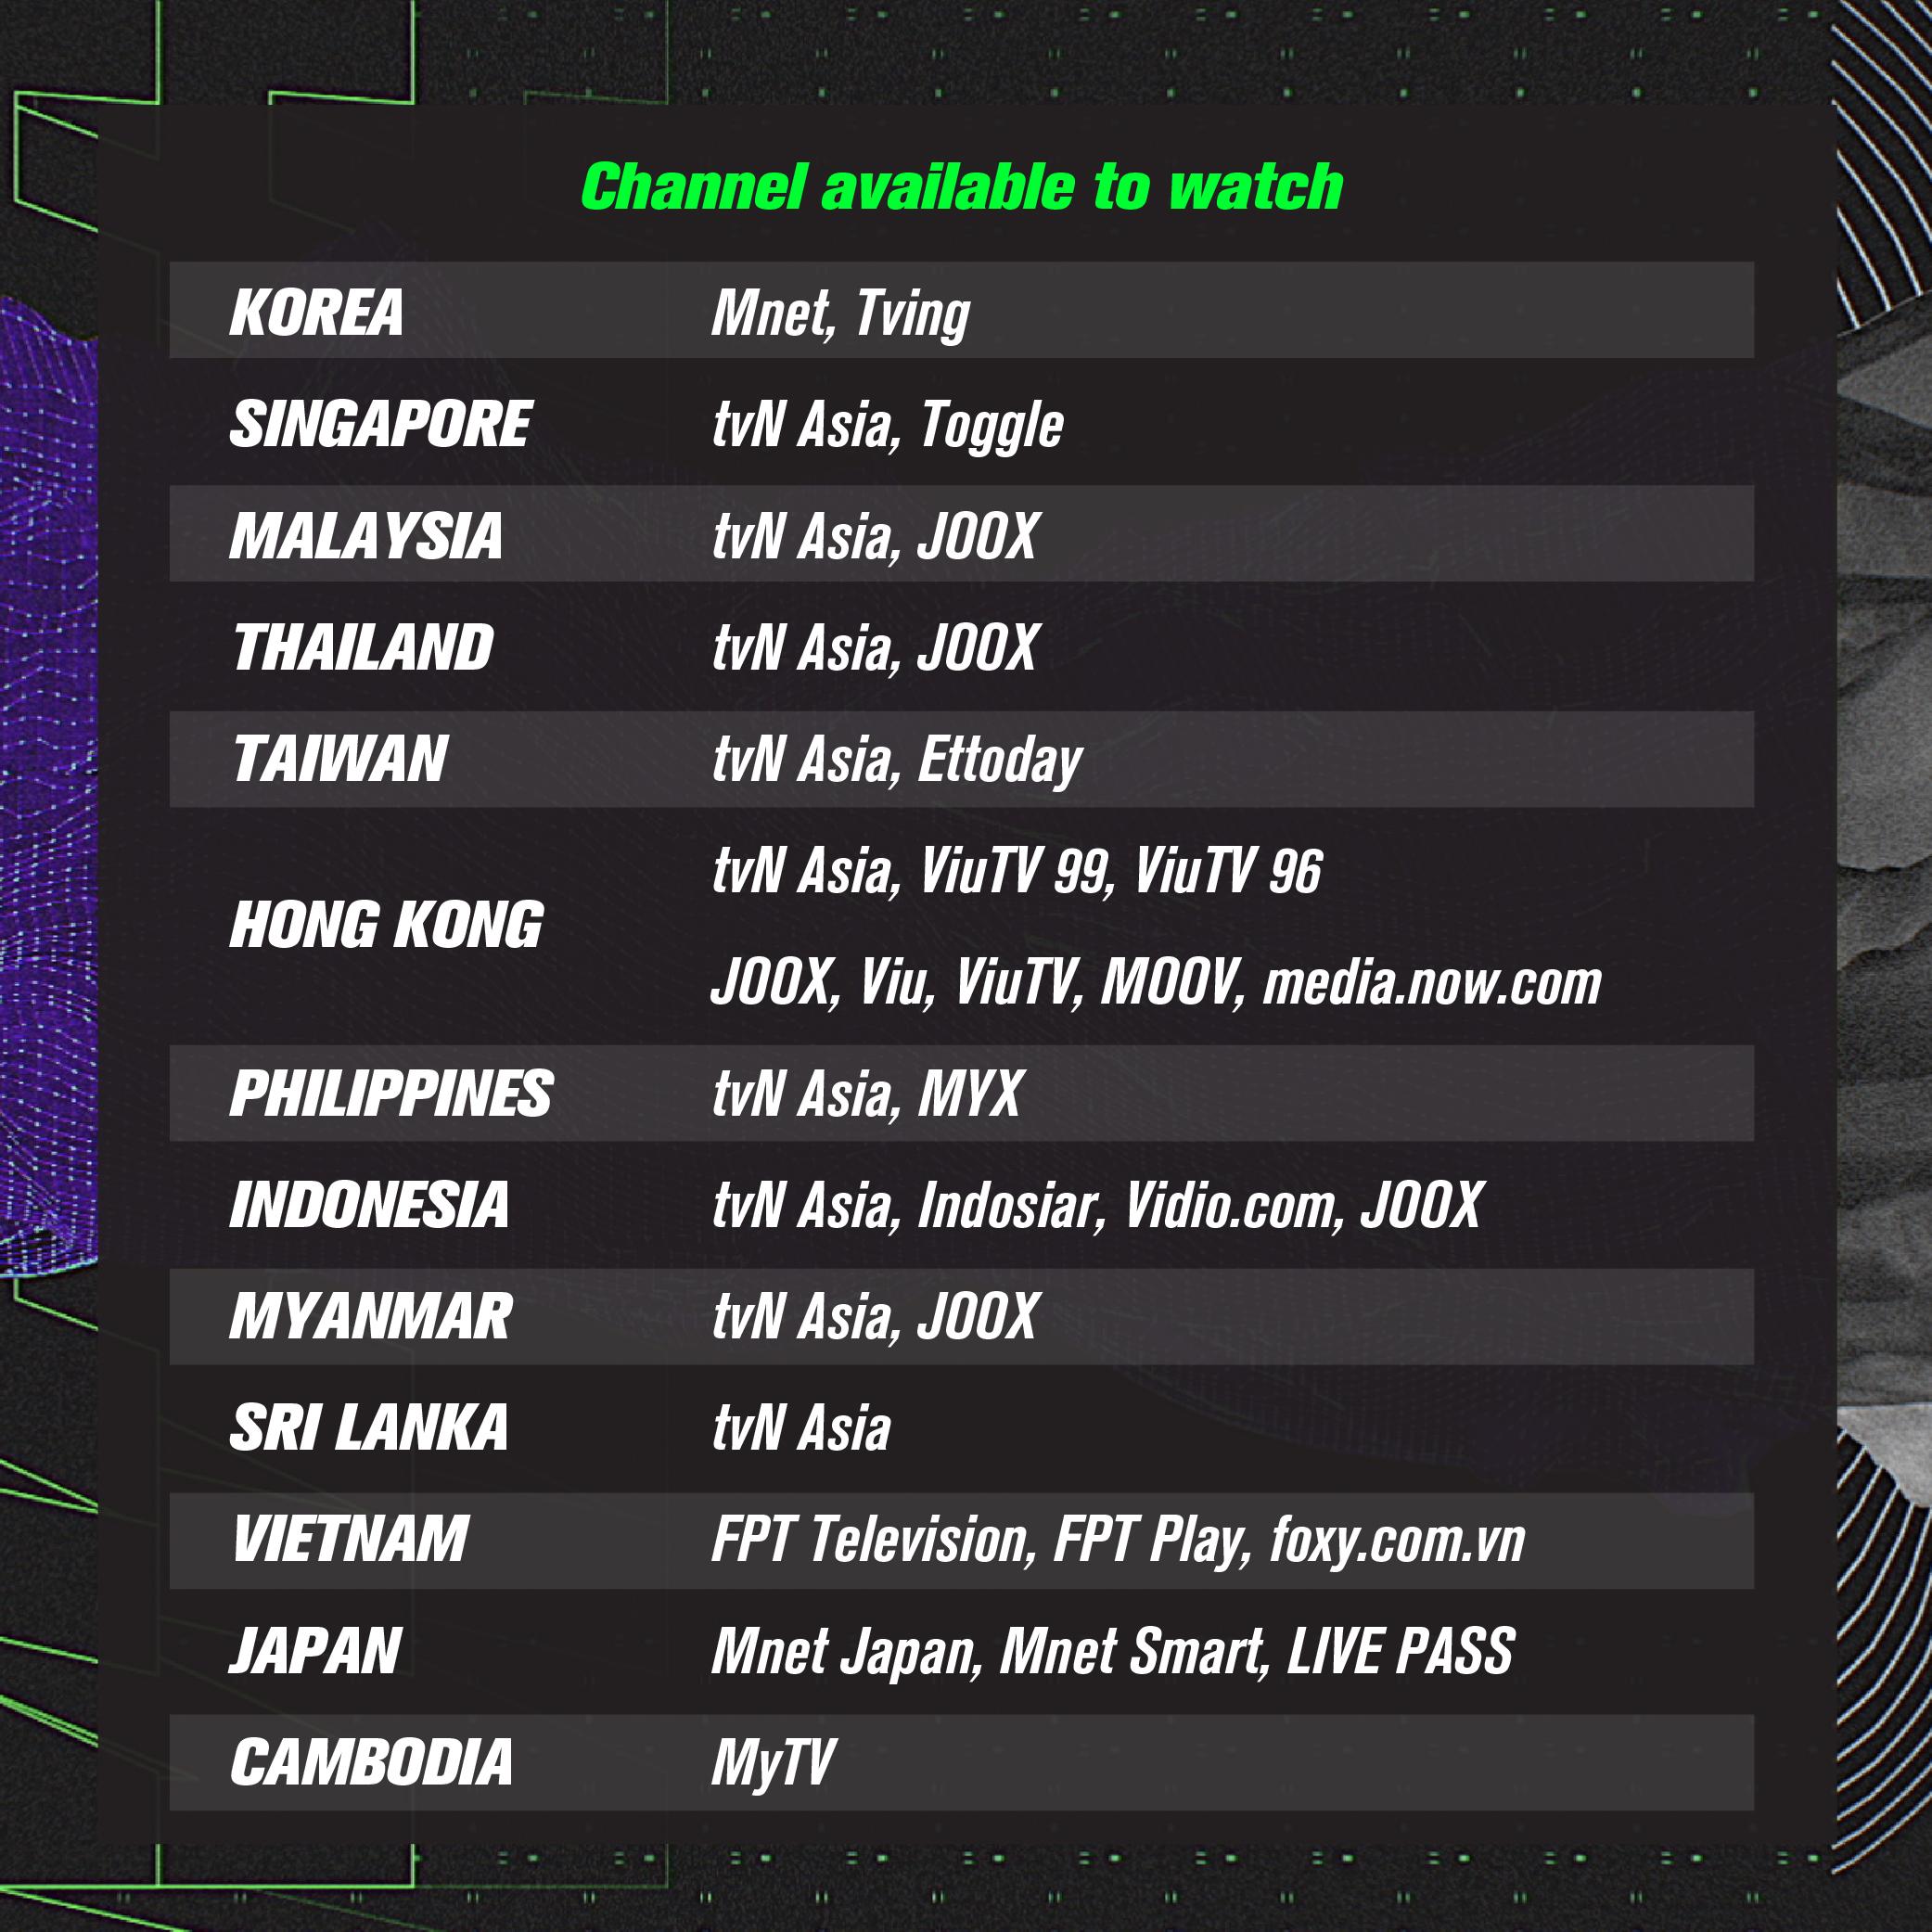 Daftar kanal yang menyiarkan langsung MAMA 2019